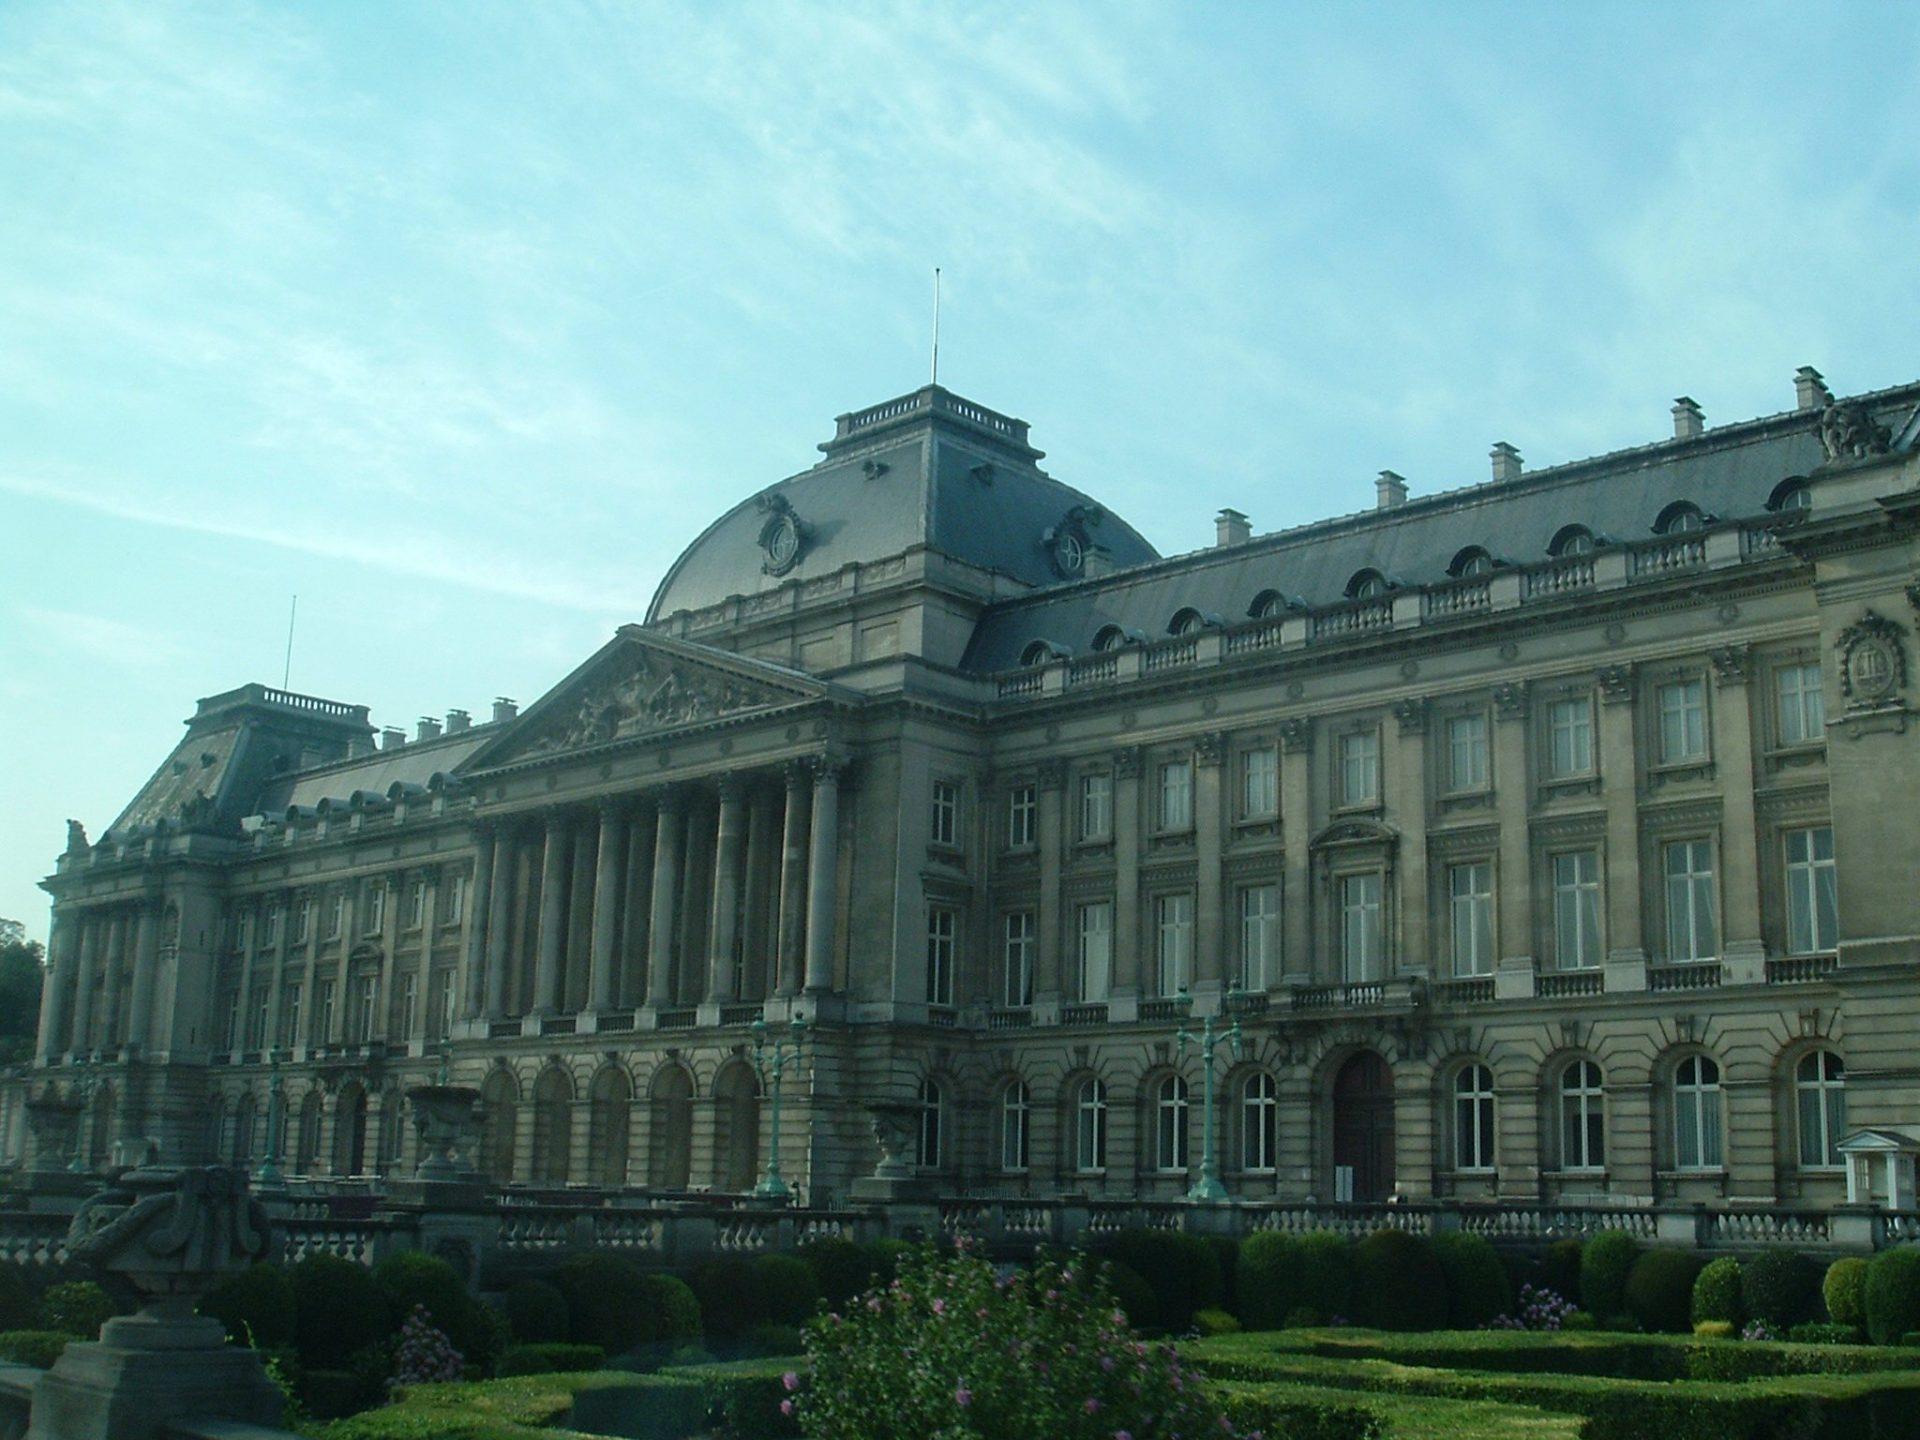 Королевский дворец,  Брюссель, Бельгия. Июнь, 2006